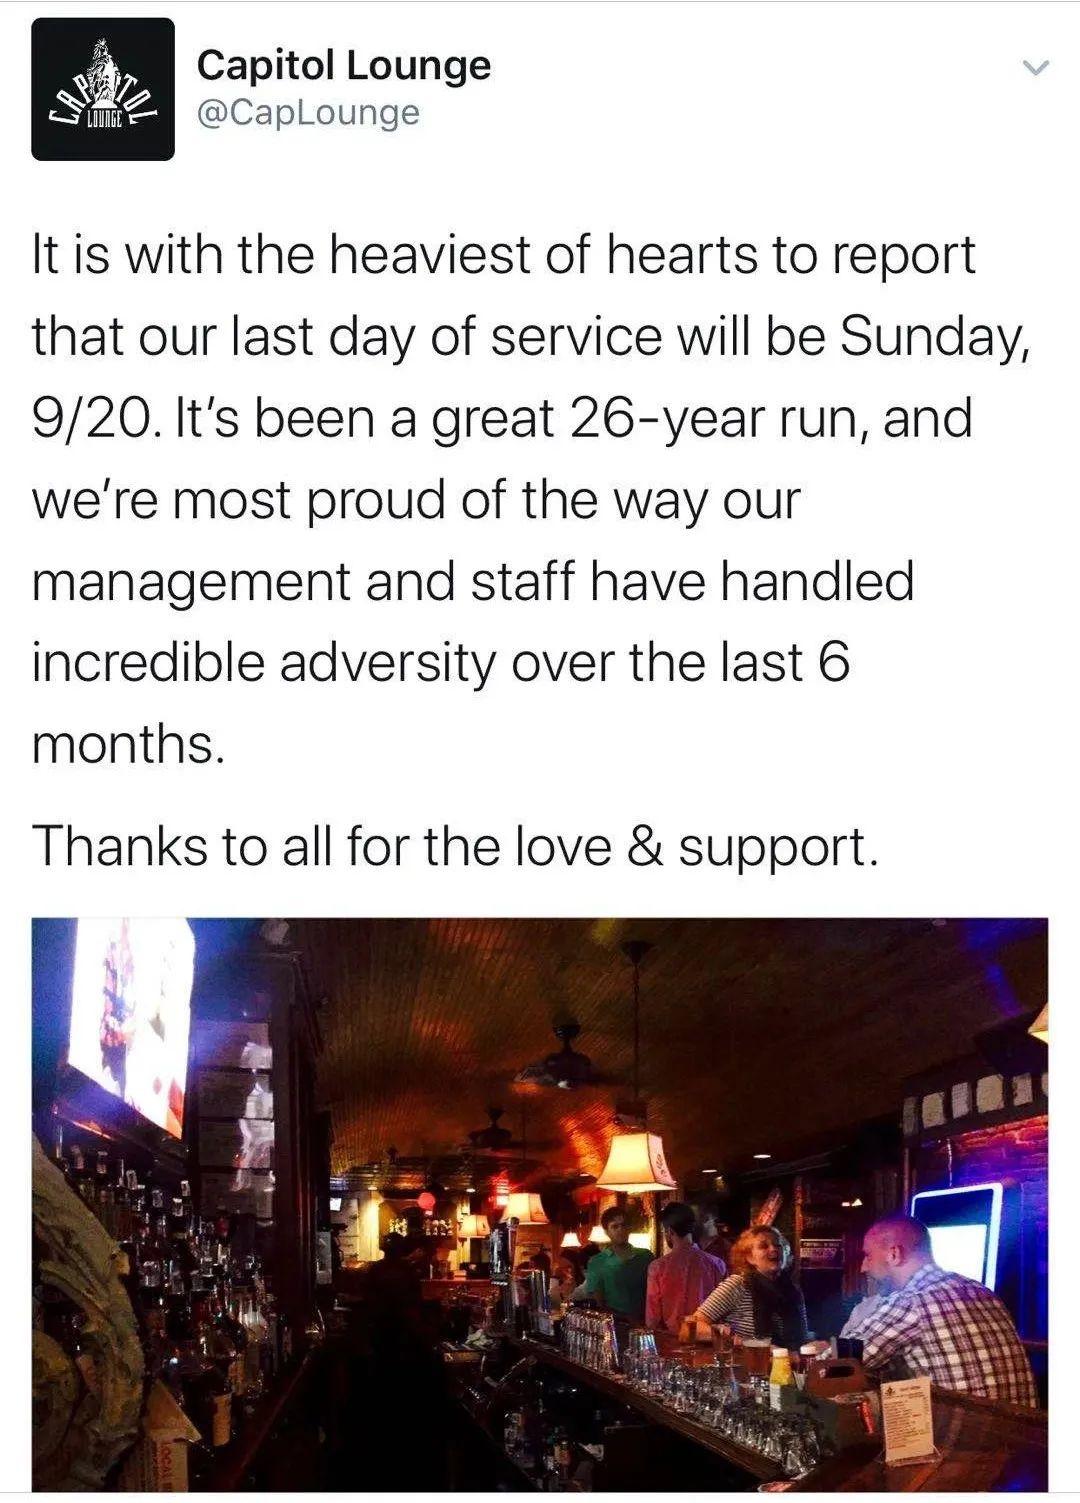 """美国政客常去的酒吧倒闭了 他们一边惋惜一边""""踢皮球"""""""